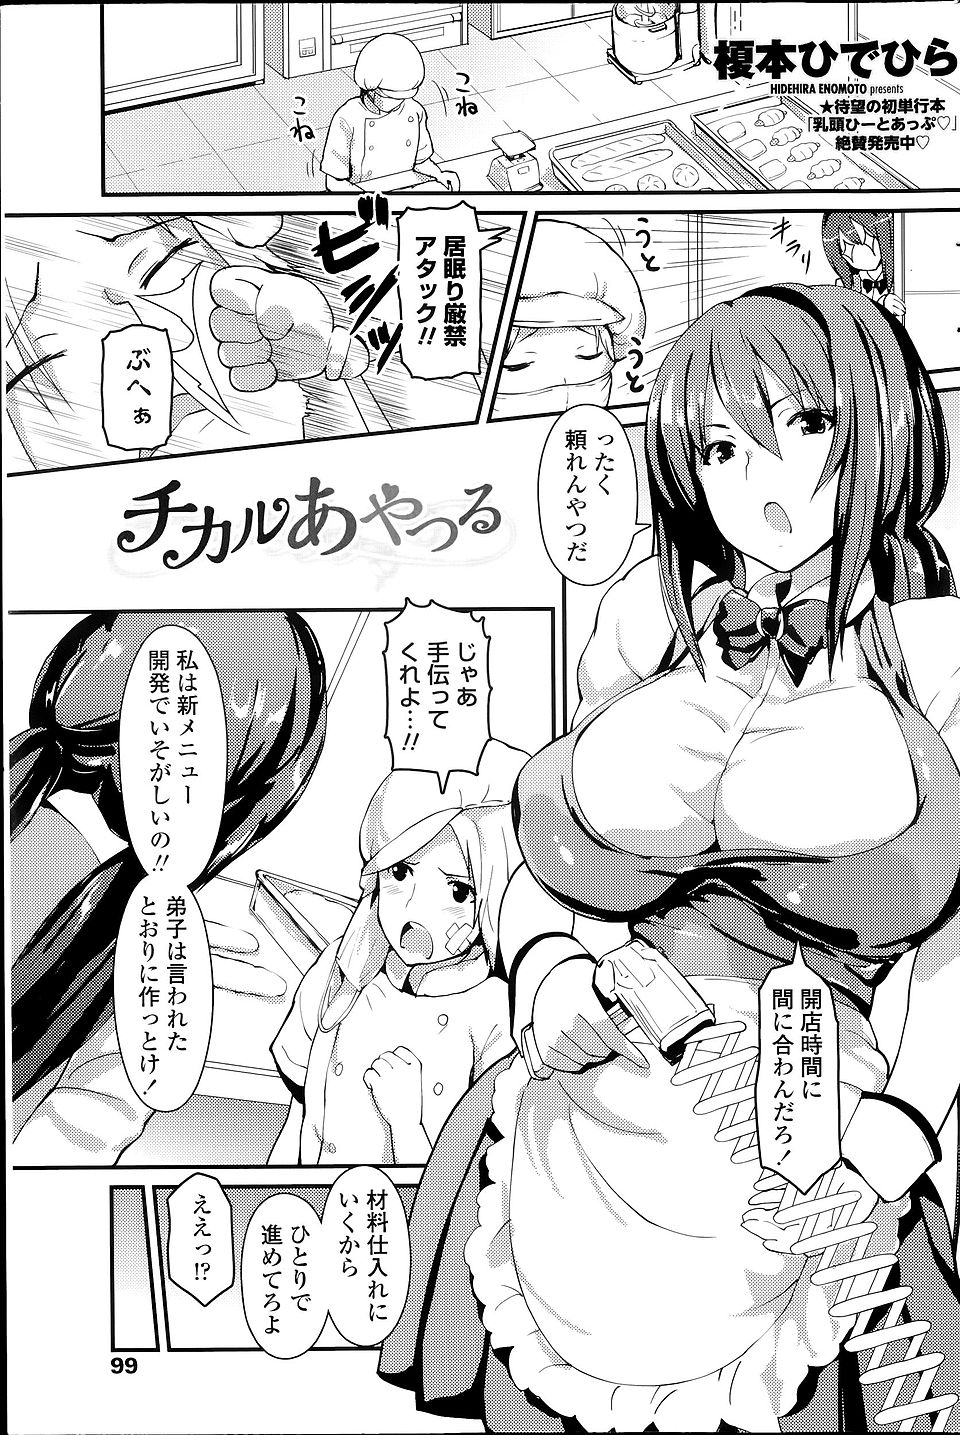 【エロ漫画・エロ同人】パン屋の巨乳師匠が厳し過ぎるから強引にセックスしたったwww